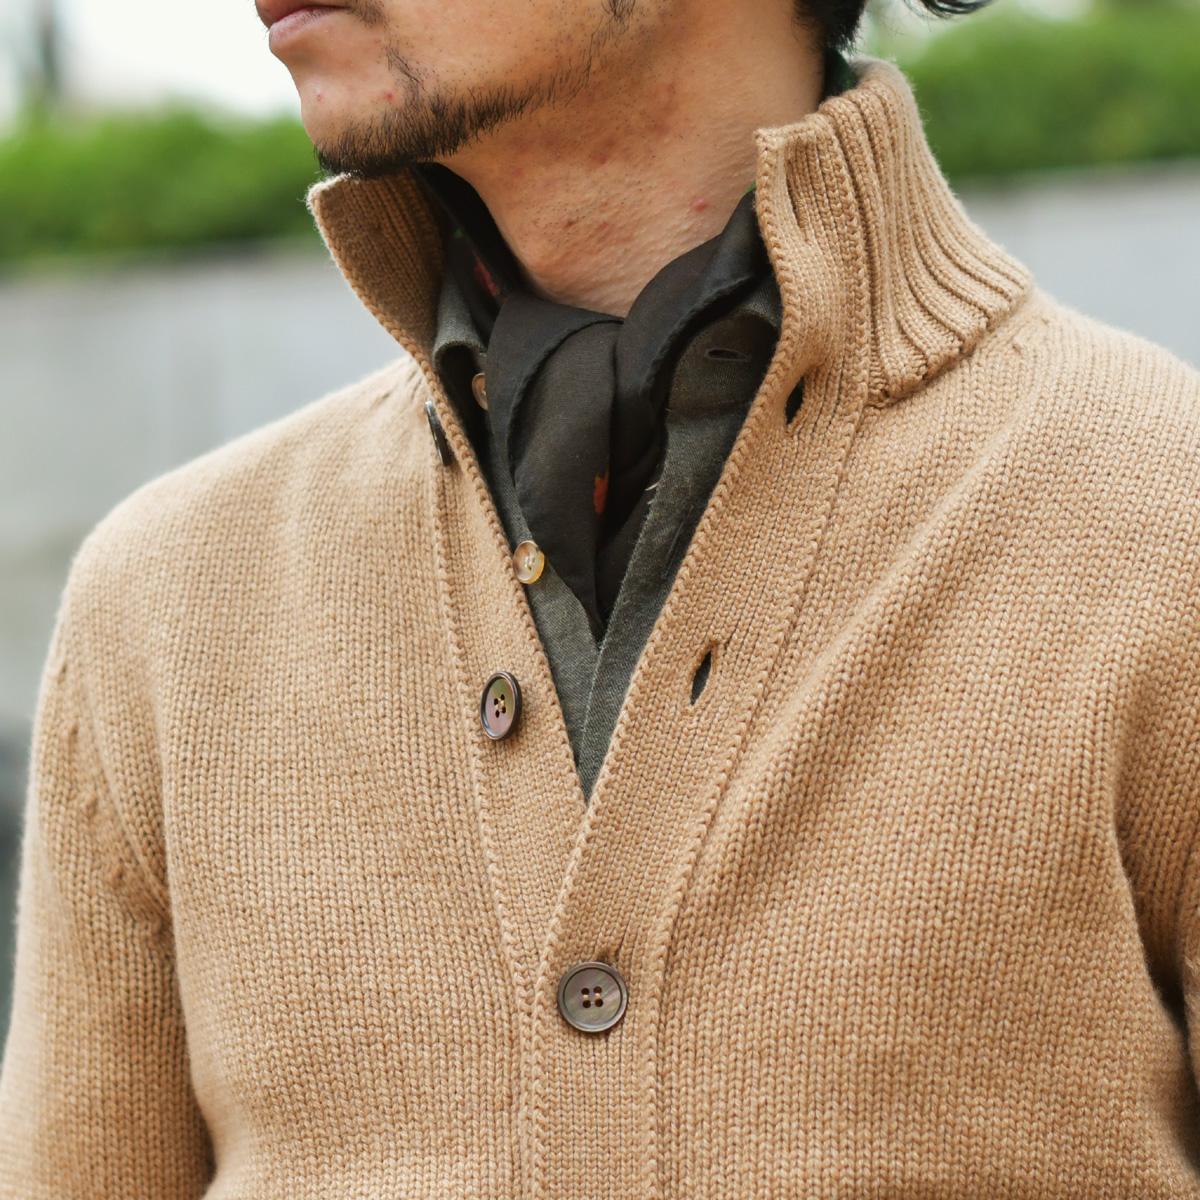 冬のファッションを楽しくするレイヤードスタイル!TAGLIATORE【タリアトーレ】